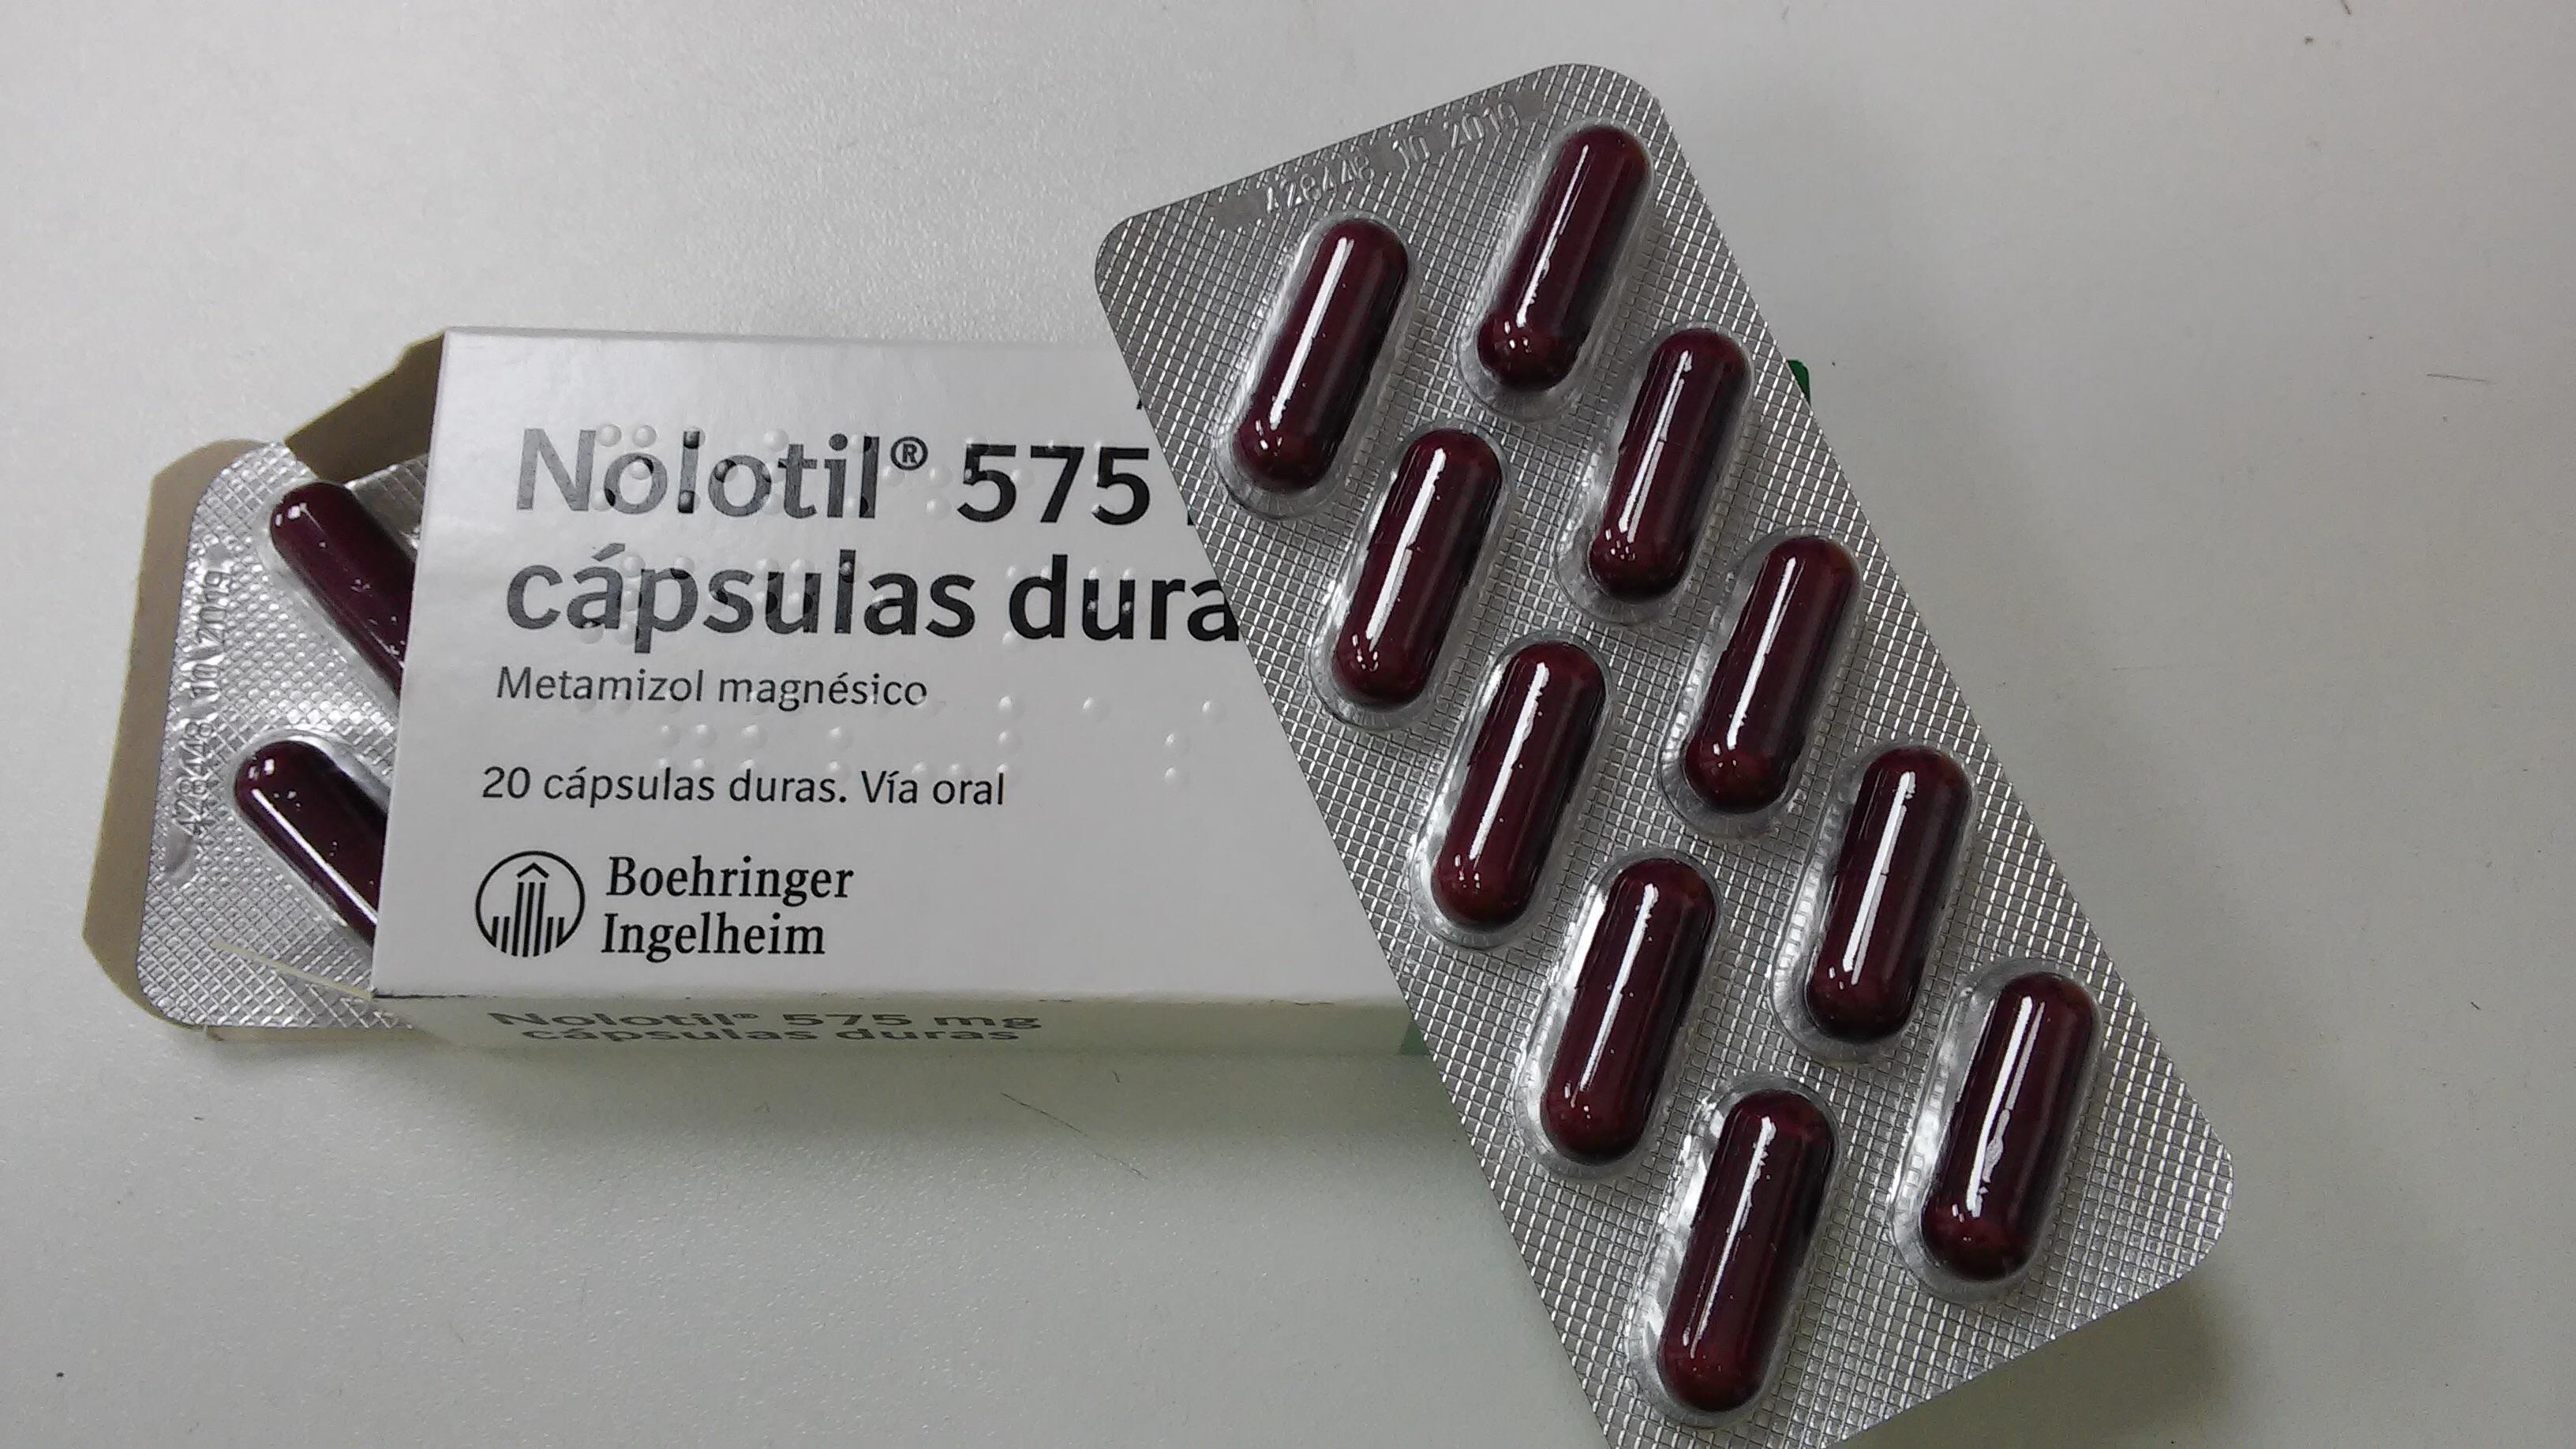 mezclar nolotil y paracetamol